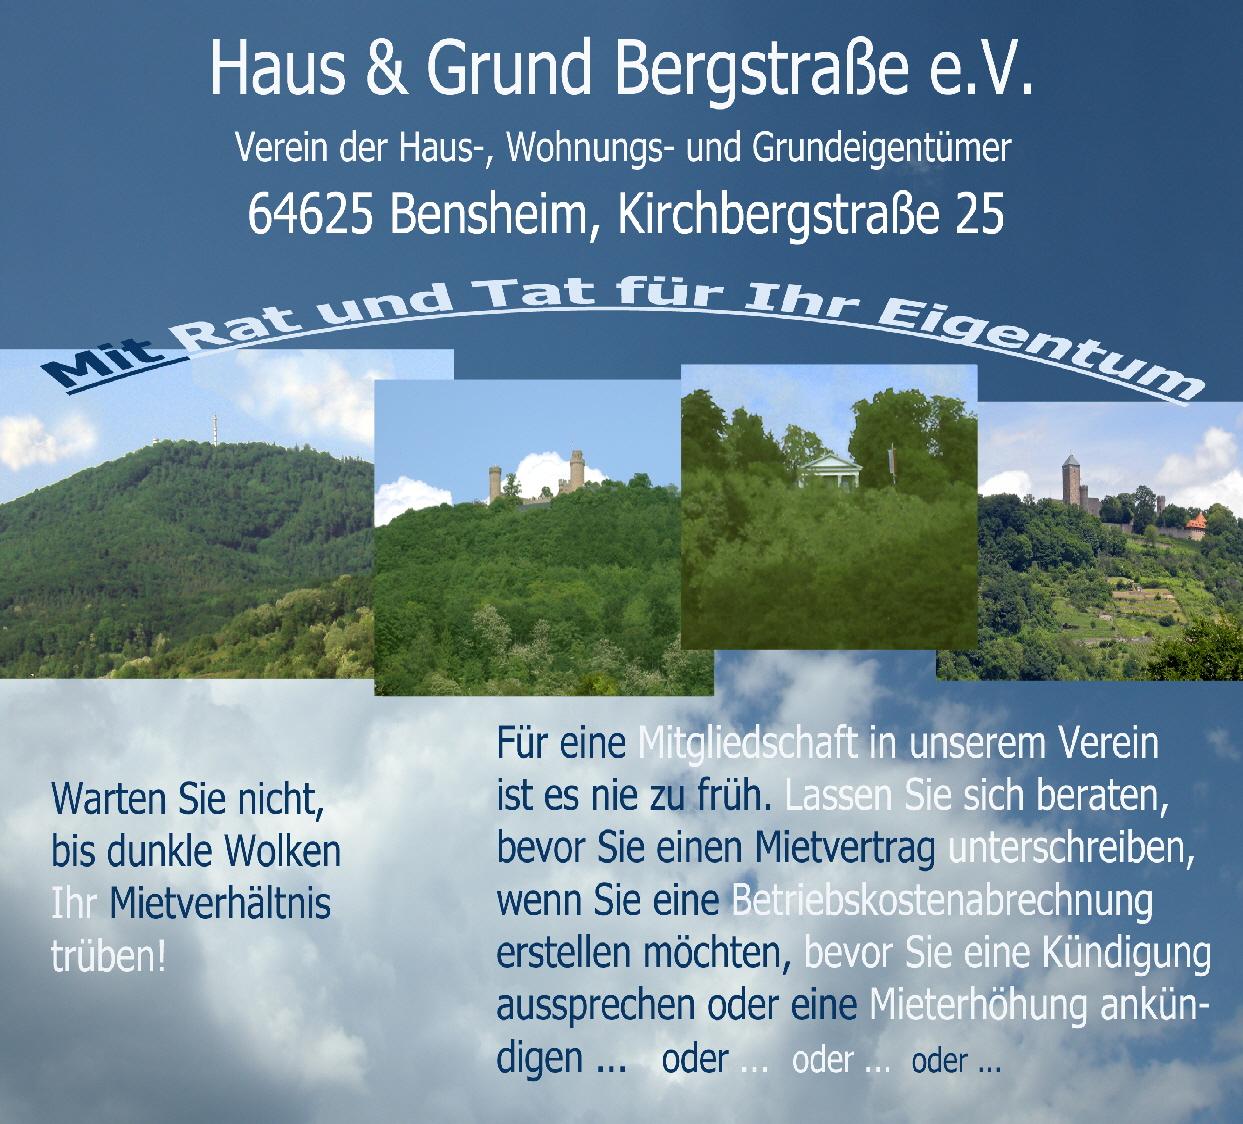 Mietvertrag Einfamilienhaus Haus Und Grund Bayern: Home [www.hausundgrund-bergstrasse.de]